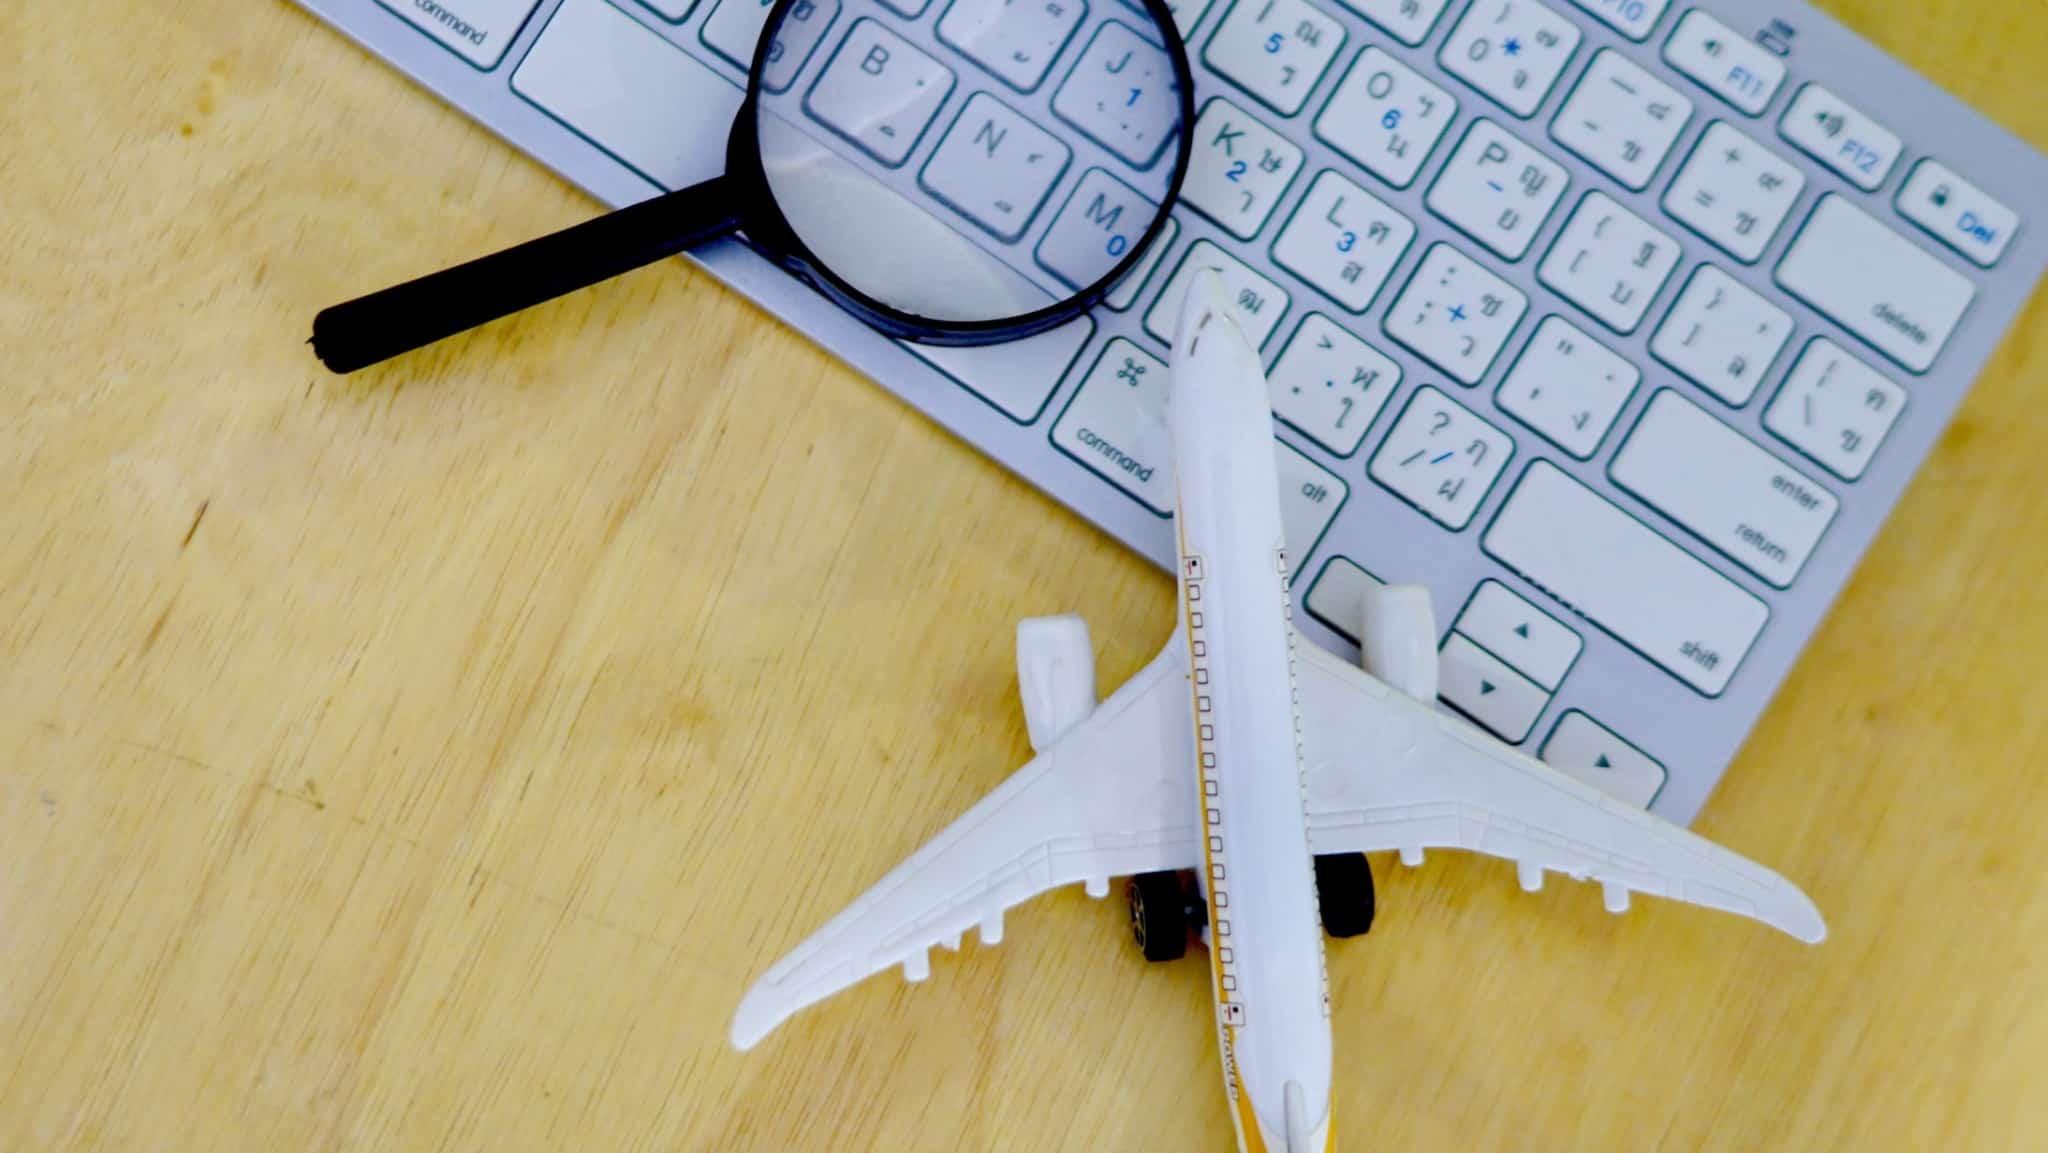 teclado de computador com uma lupa e um avião em cima